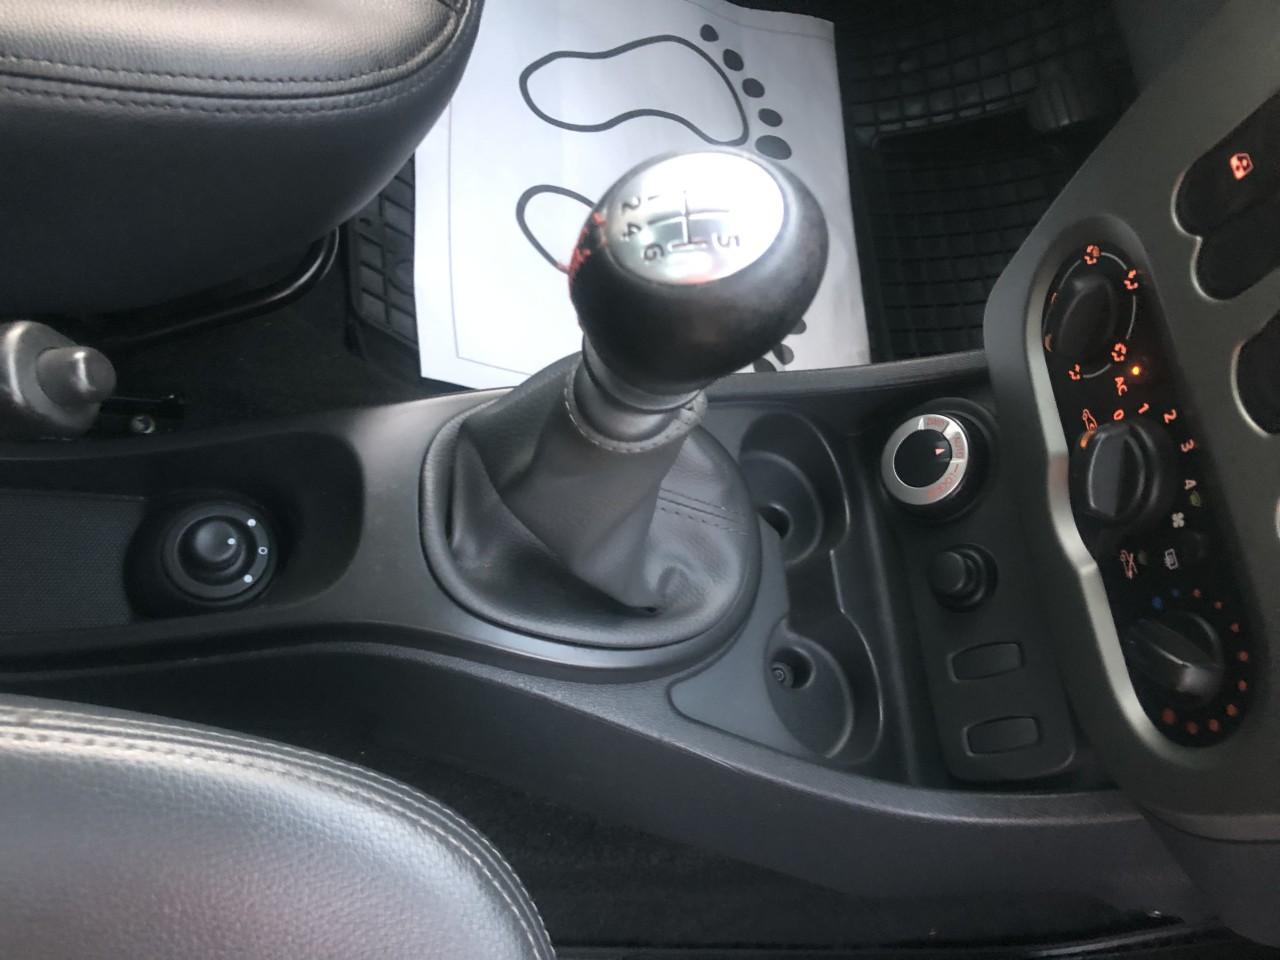 Dacia Duster EURO 5, 4X4 la buton 2013